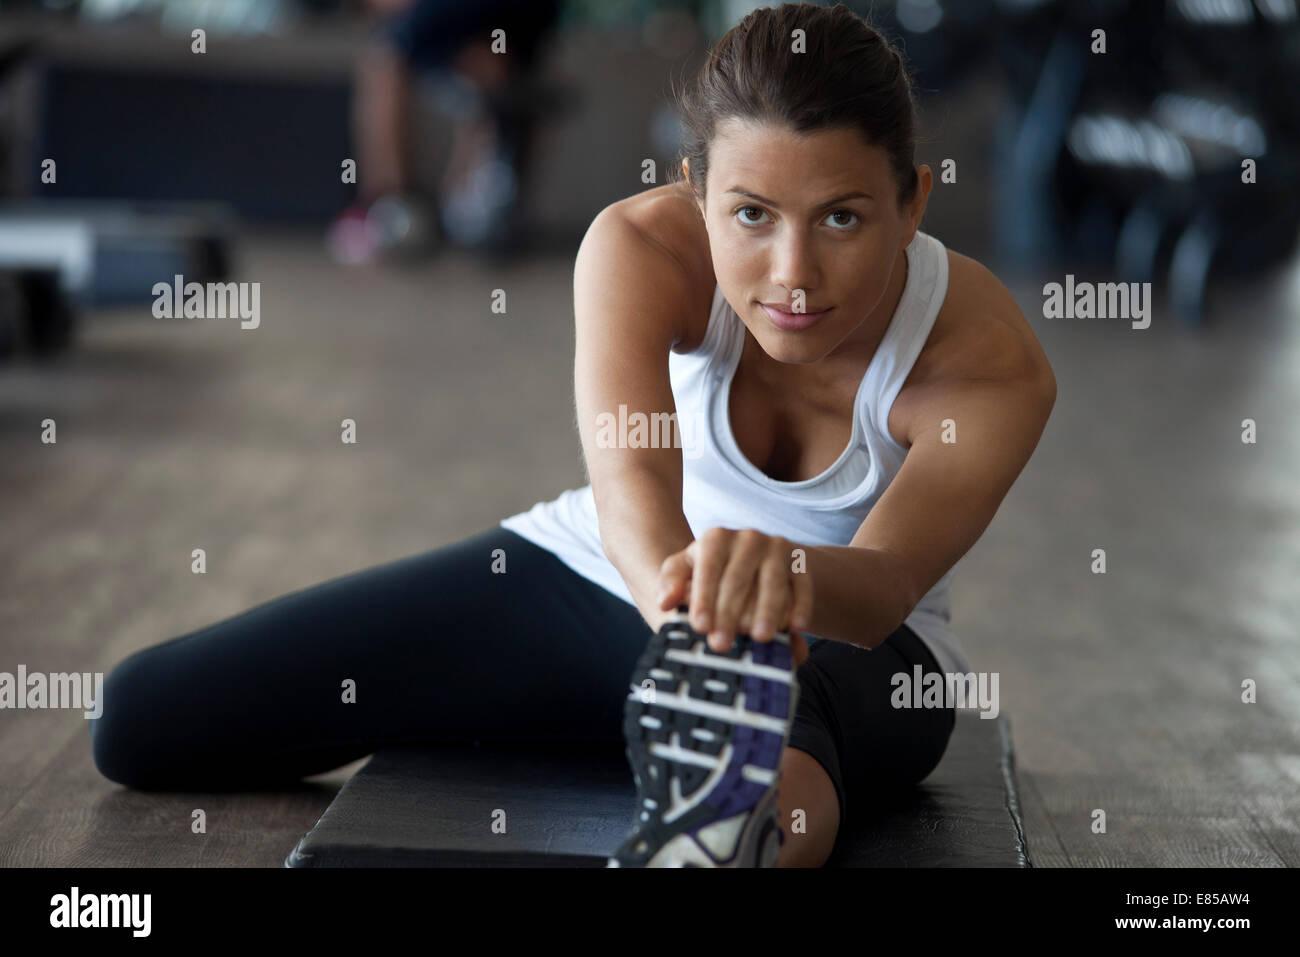 Frau in Turnhalle Aufwärmen mit Bein Strecken Stockbild